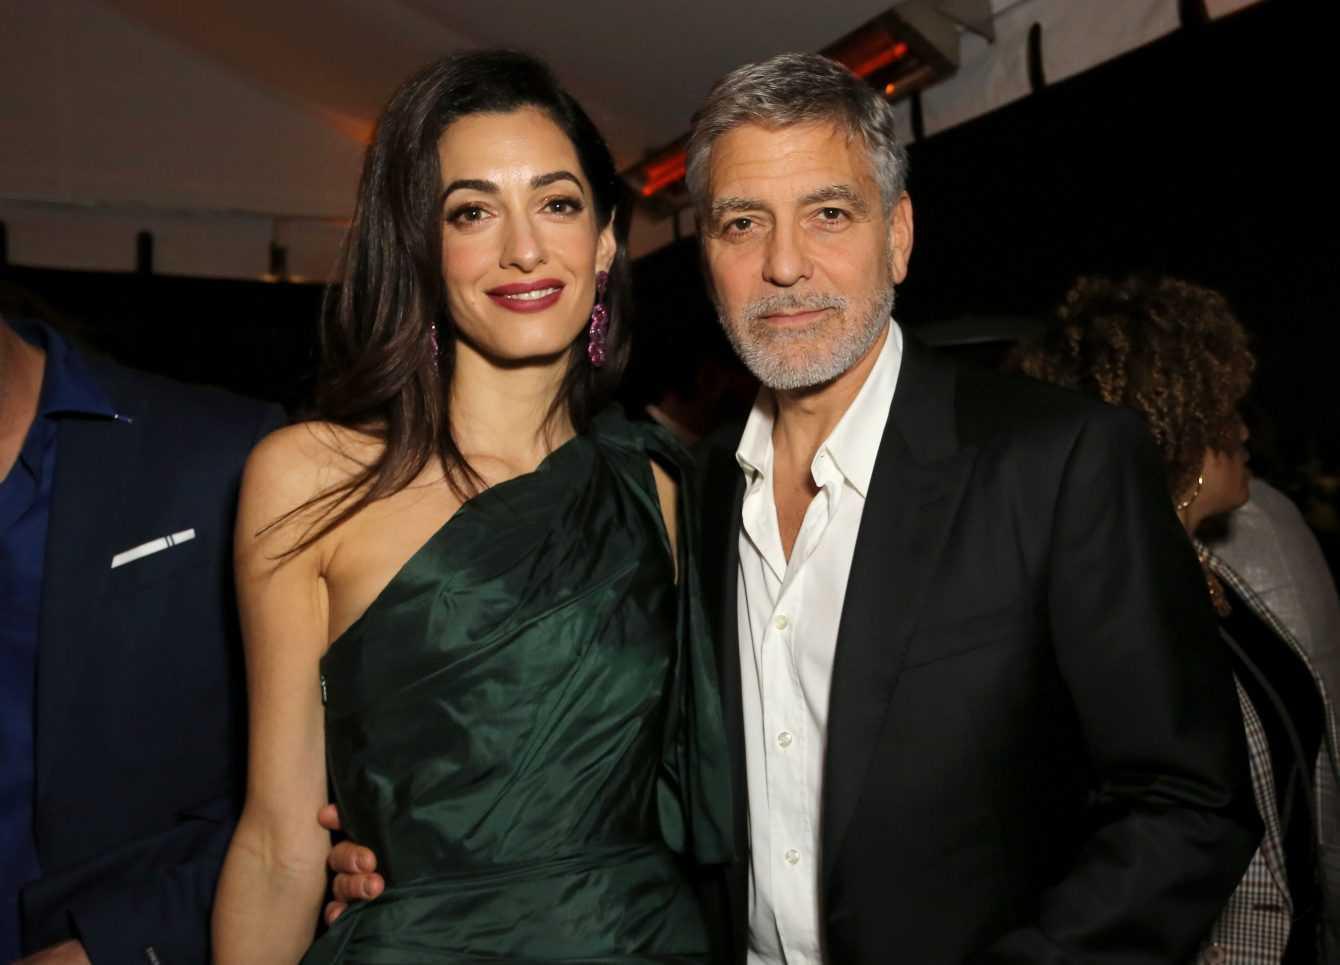 George Clooney, attore e attivista: buon compleanno!